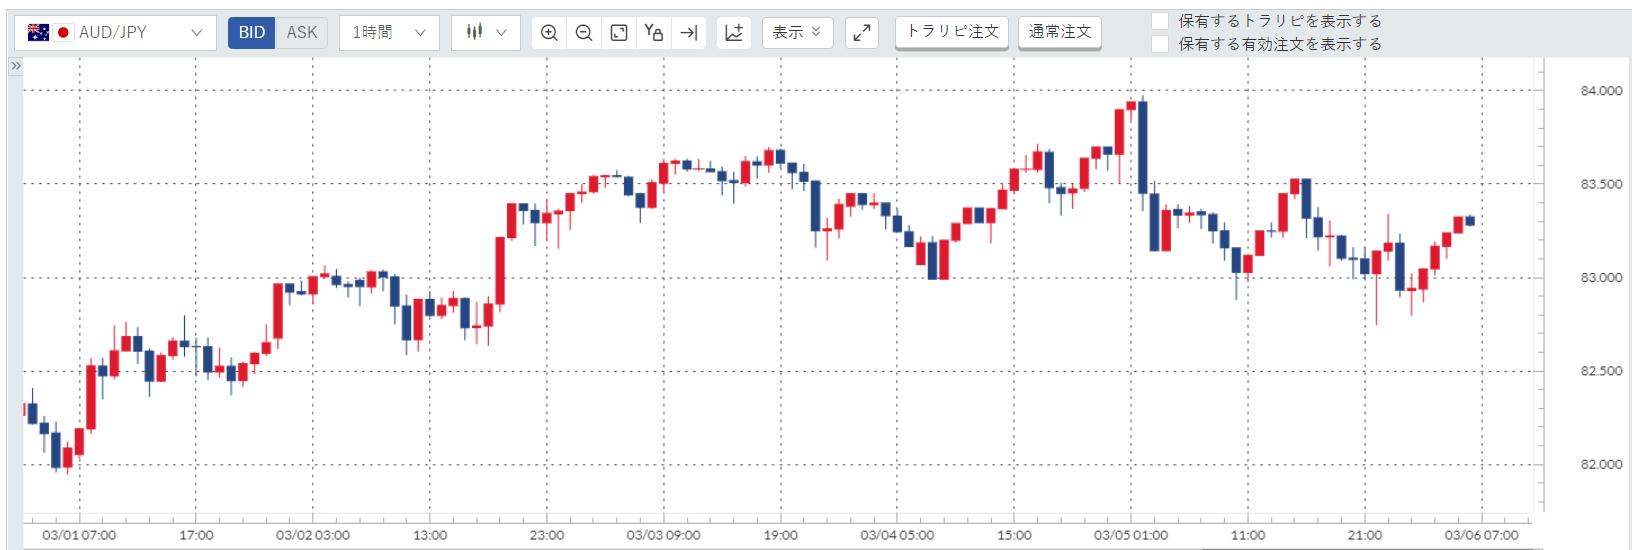 豪ドル円(AUD/JPY)週間チャート_20210301-20210305